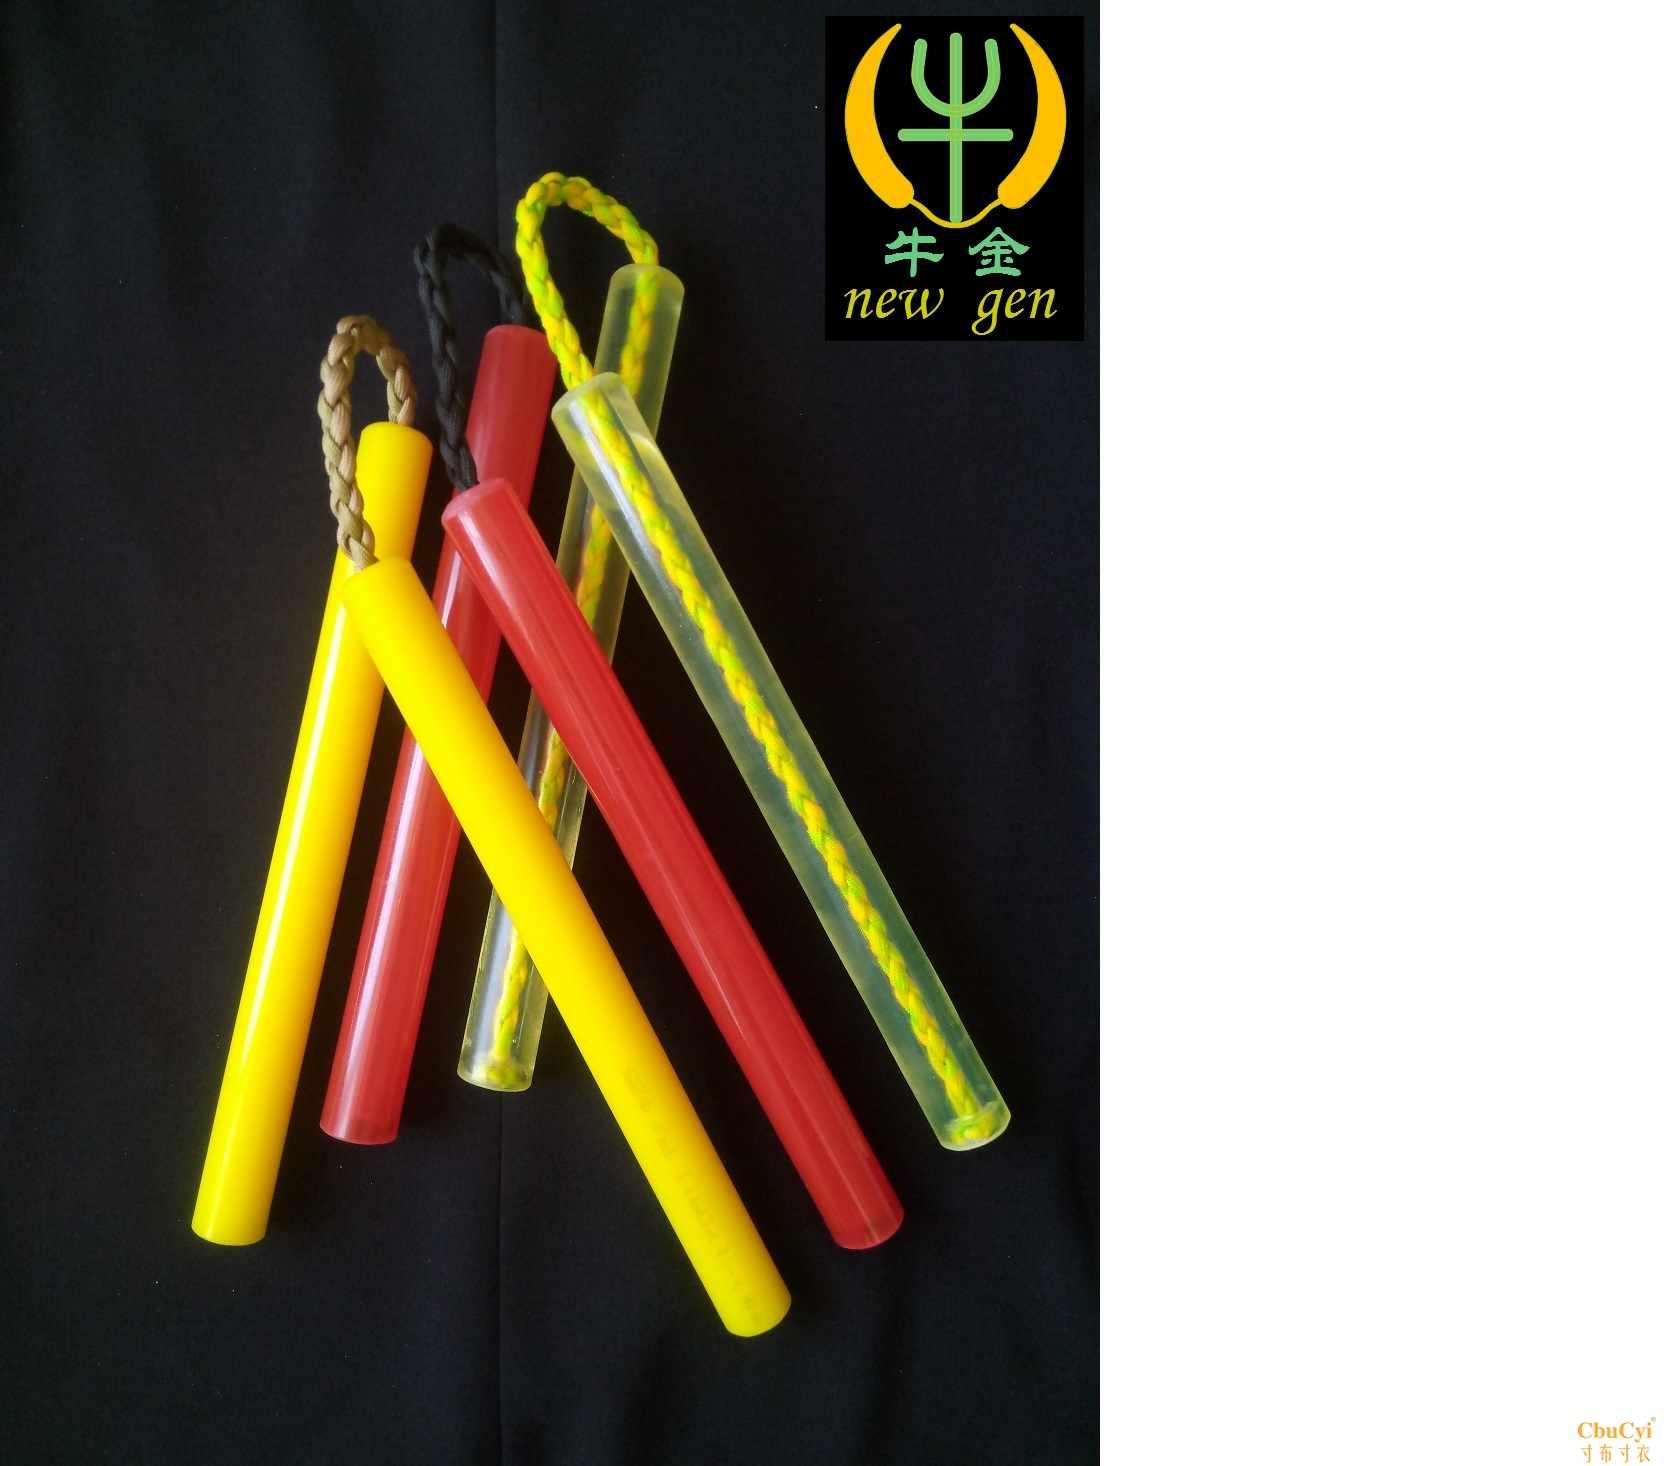 牛筋双节棍体育牛津聚酯橡胶塑料尼龙海绵儿童防身便携双截棍